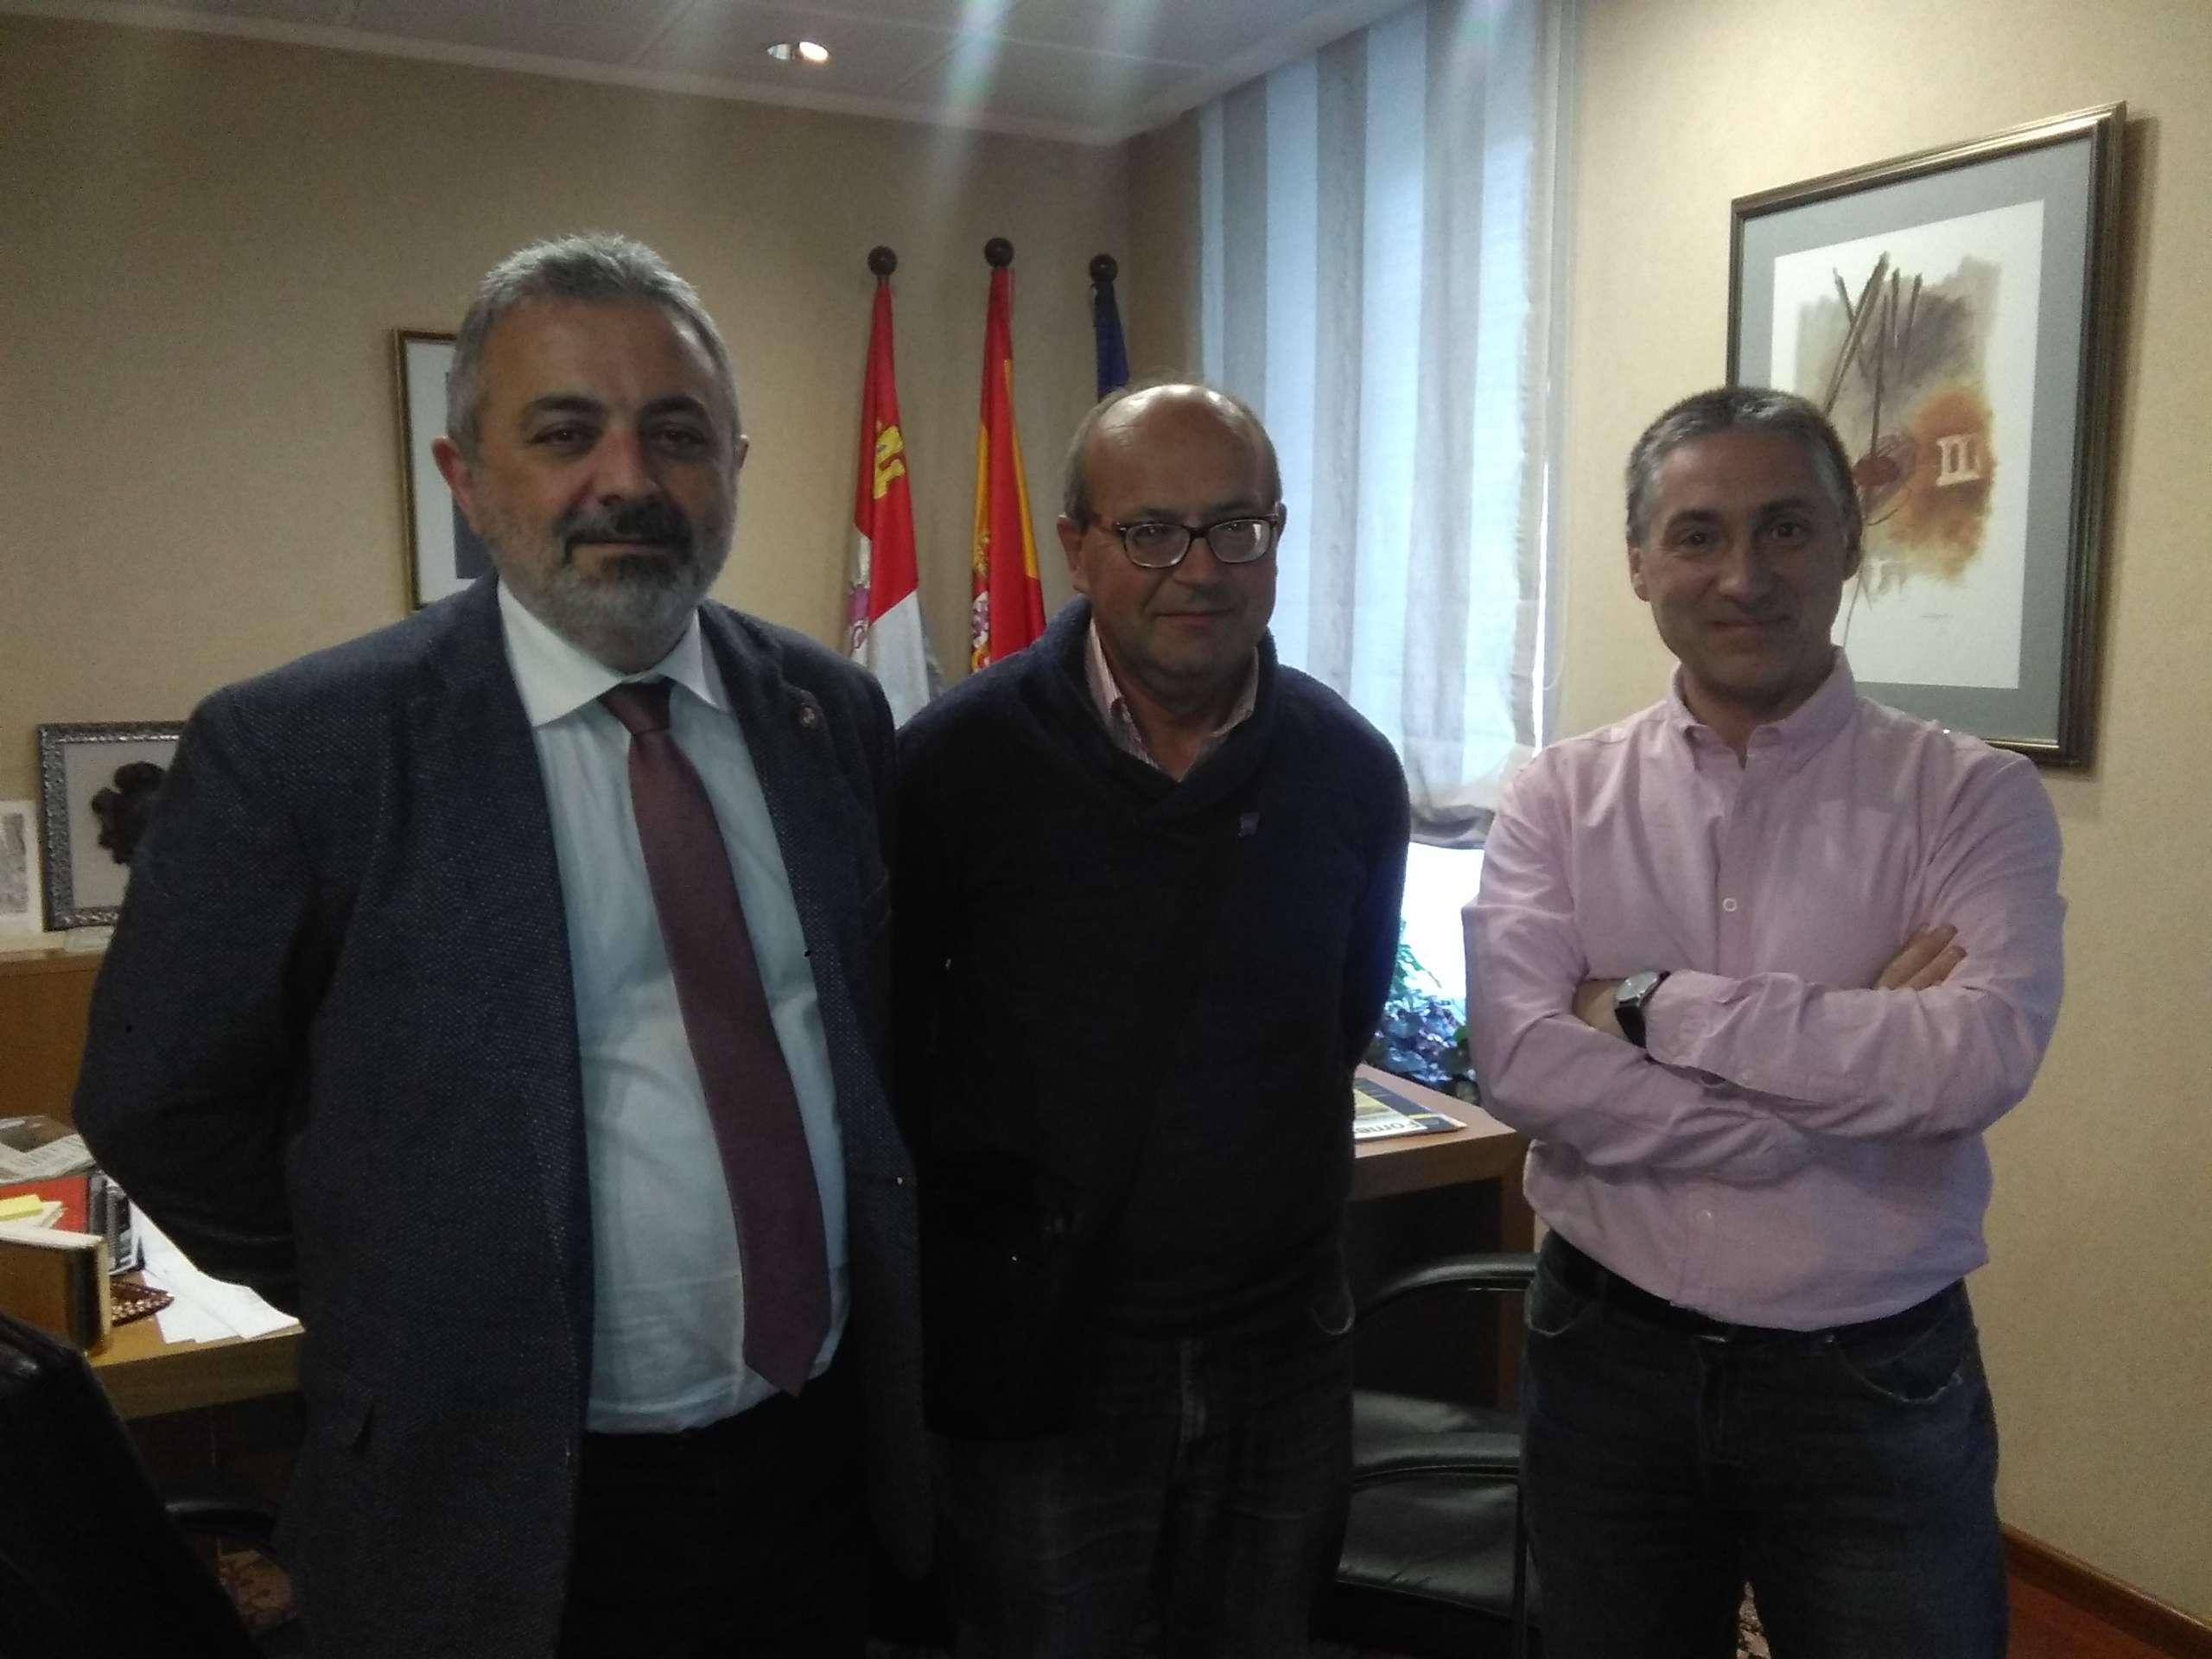 Pedro de la Fuente, Benito Calzada y Domingo Hernández